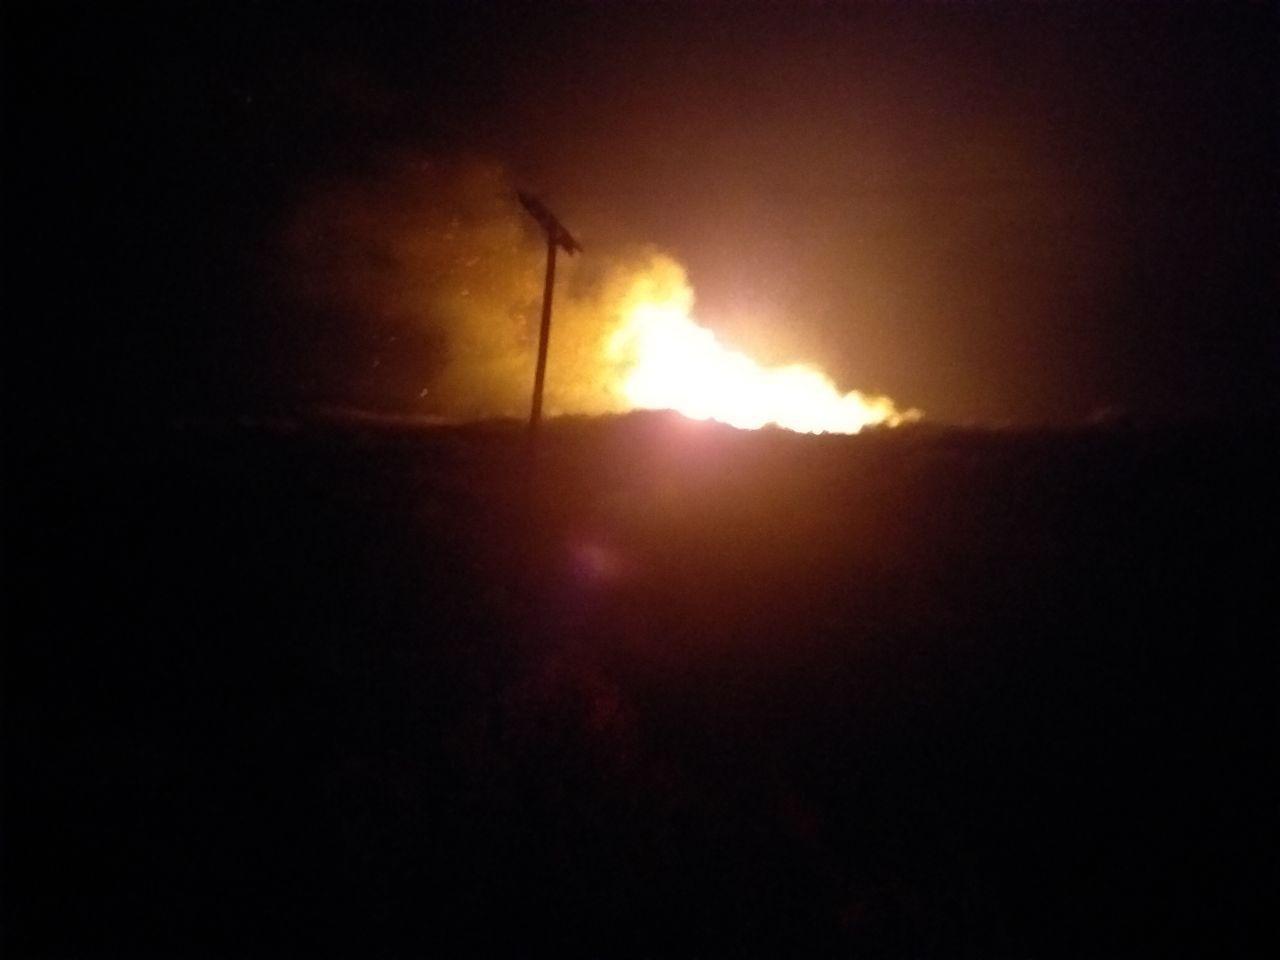 Ολονύχτια μάχη με τις φλόγες δίνουν στη Ζάκυνθο οι πυροσβέστες